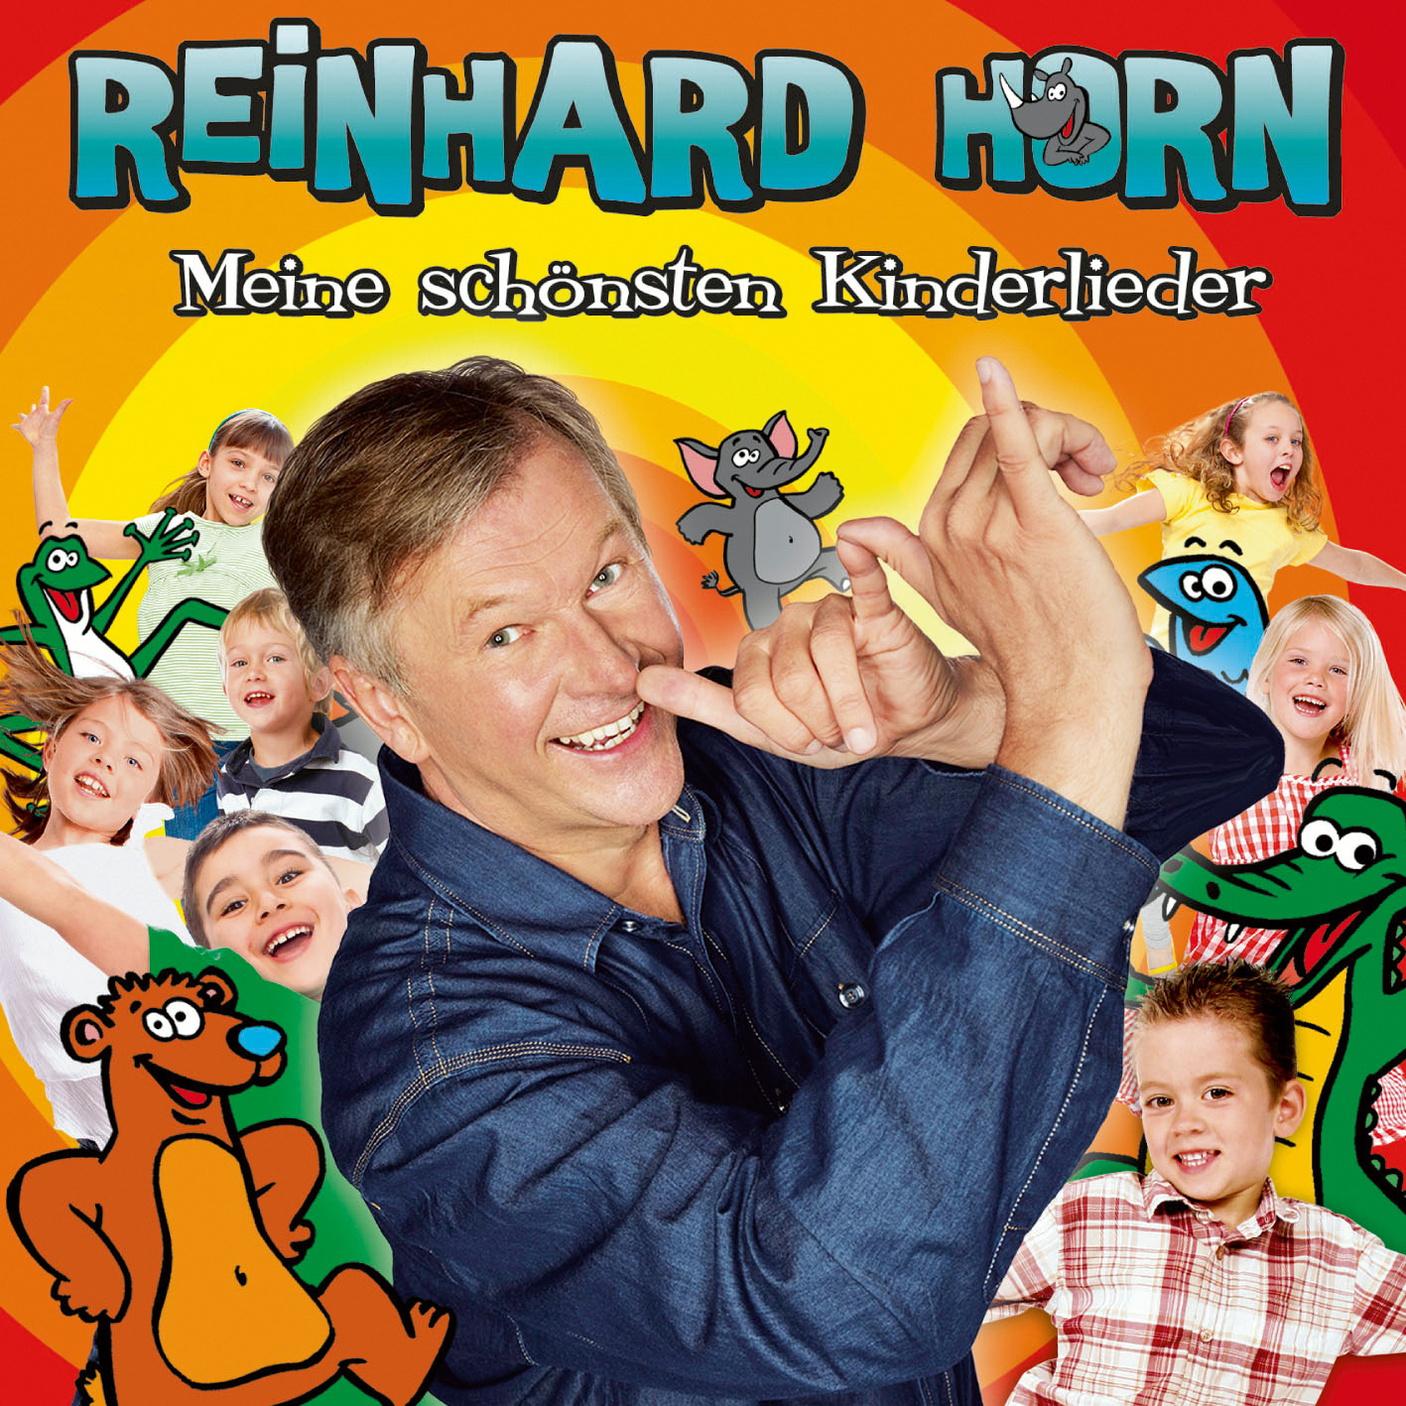 Reinhard Horn - Meine Schönsten Kinderlieder